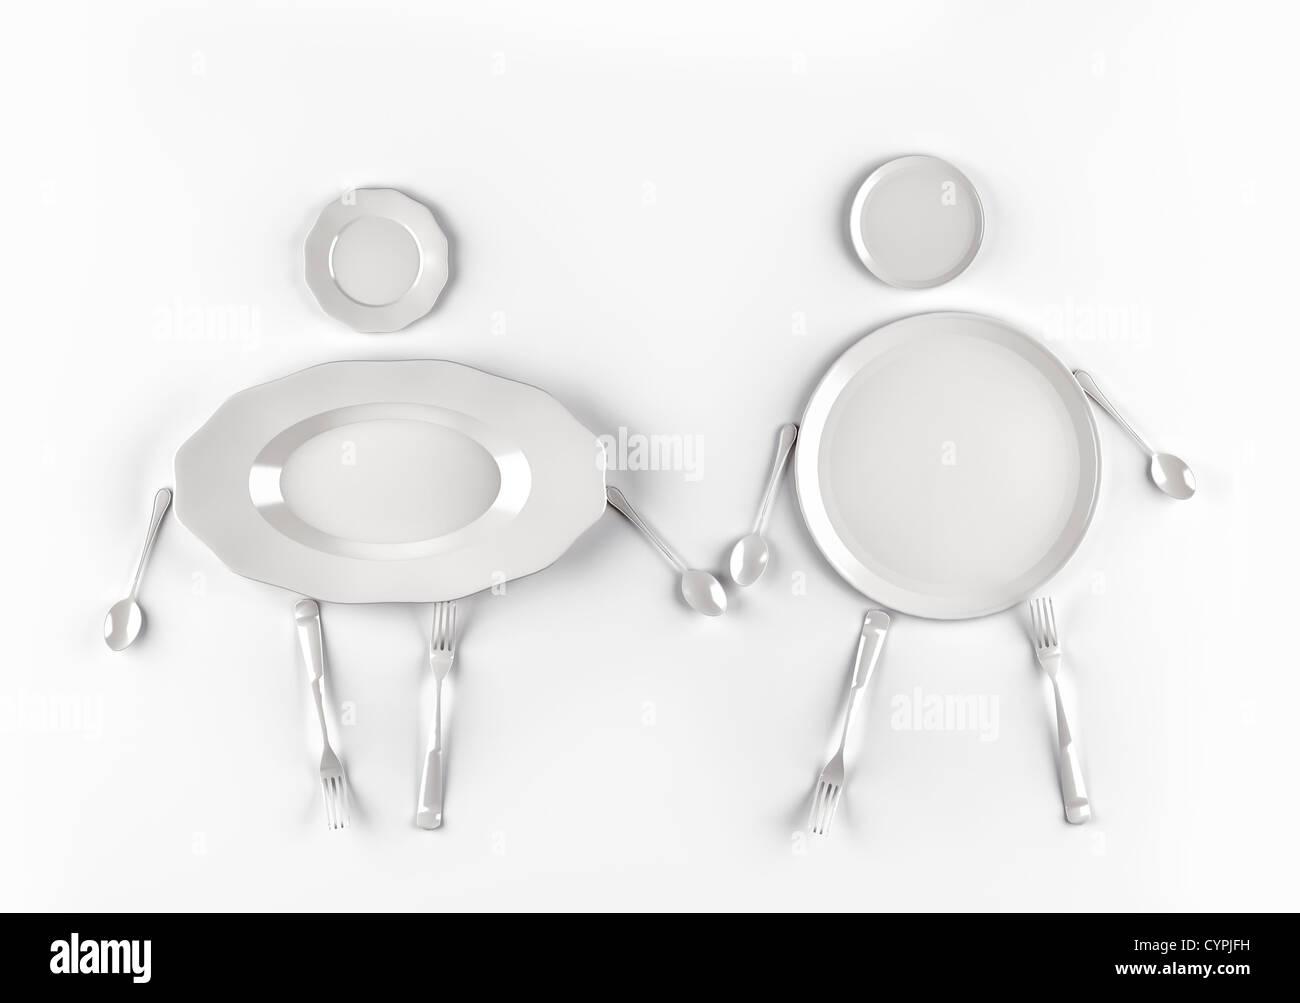 Figuren von Männern und Frauen, stilisierte von Gerichten auf weißem Hintergrund Stockbild